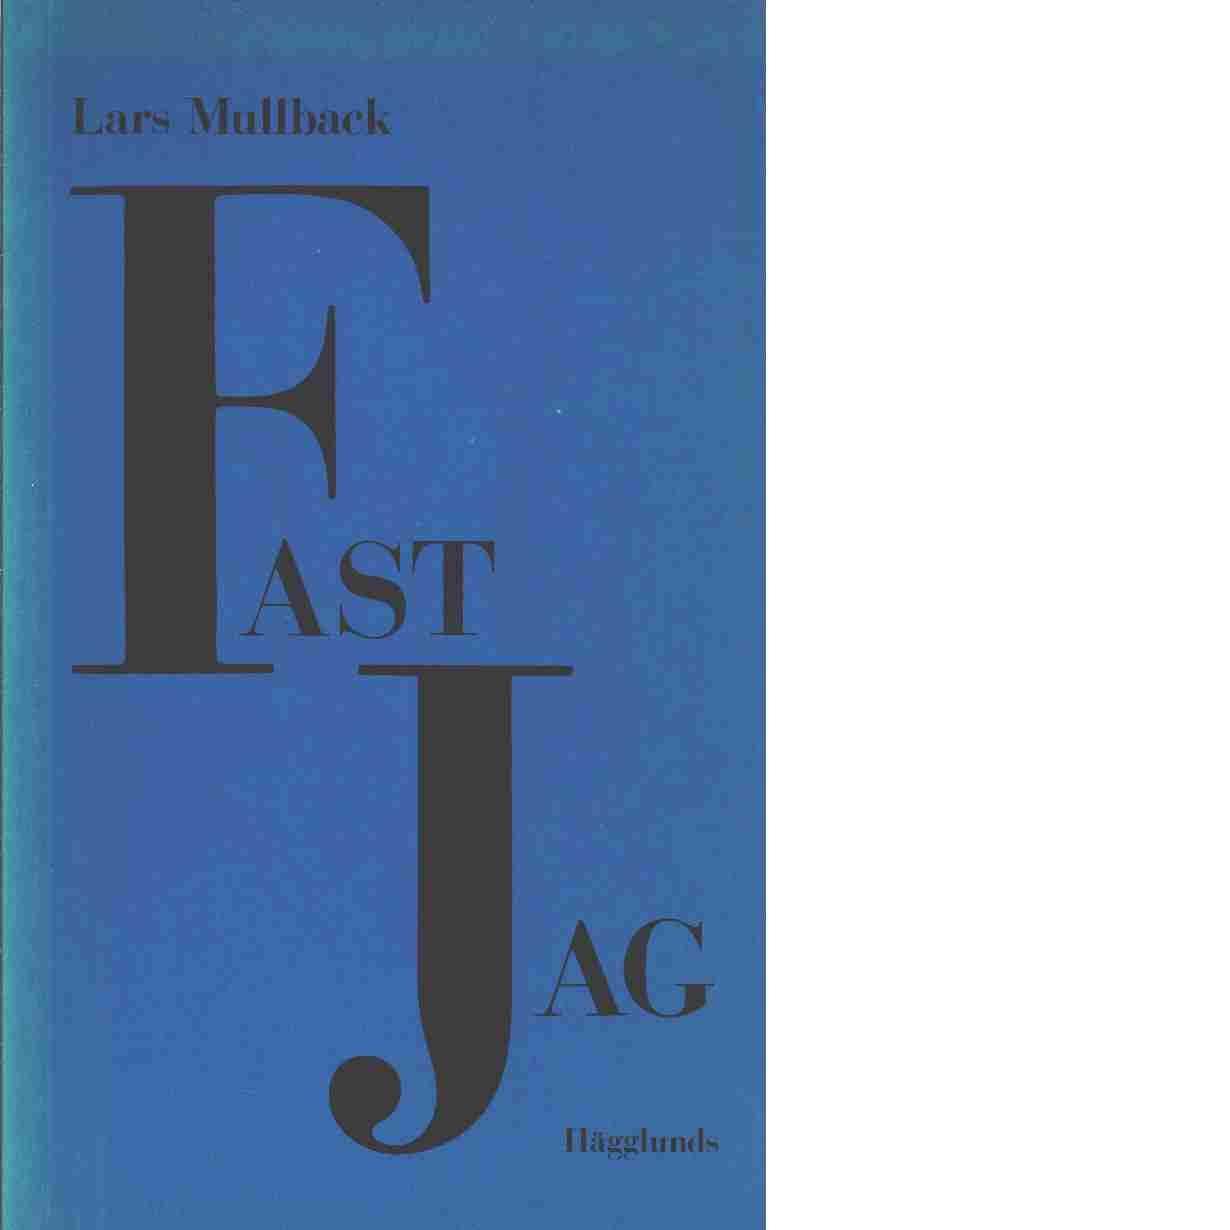 Fast jag - Mullback, Lars